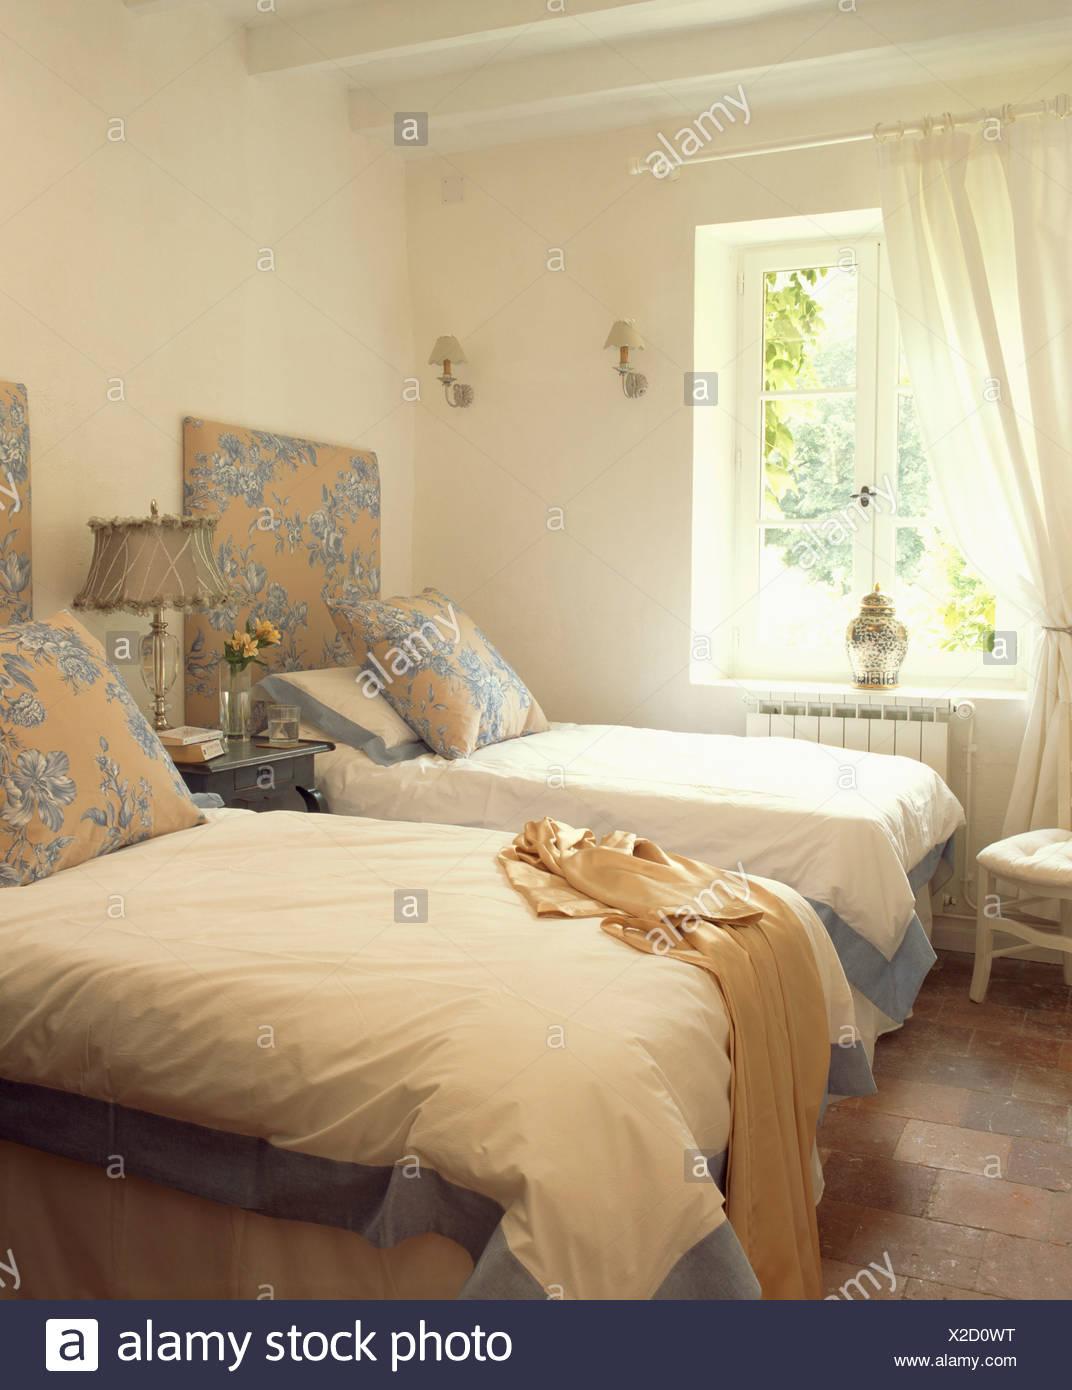 Blau + Creme Gemusterten Kissen Und Kopfteile Auf Zwei Einzelbetten Mit  Blau Umrandeten Weißen Bettdecken Französischer